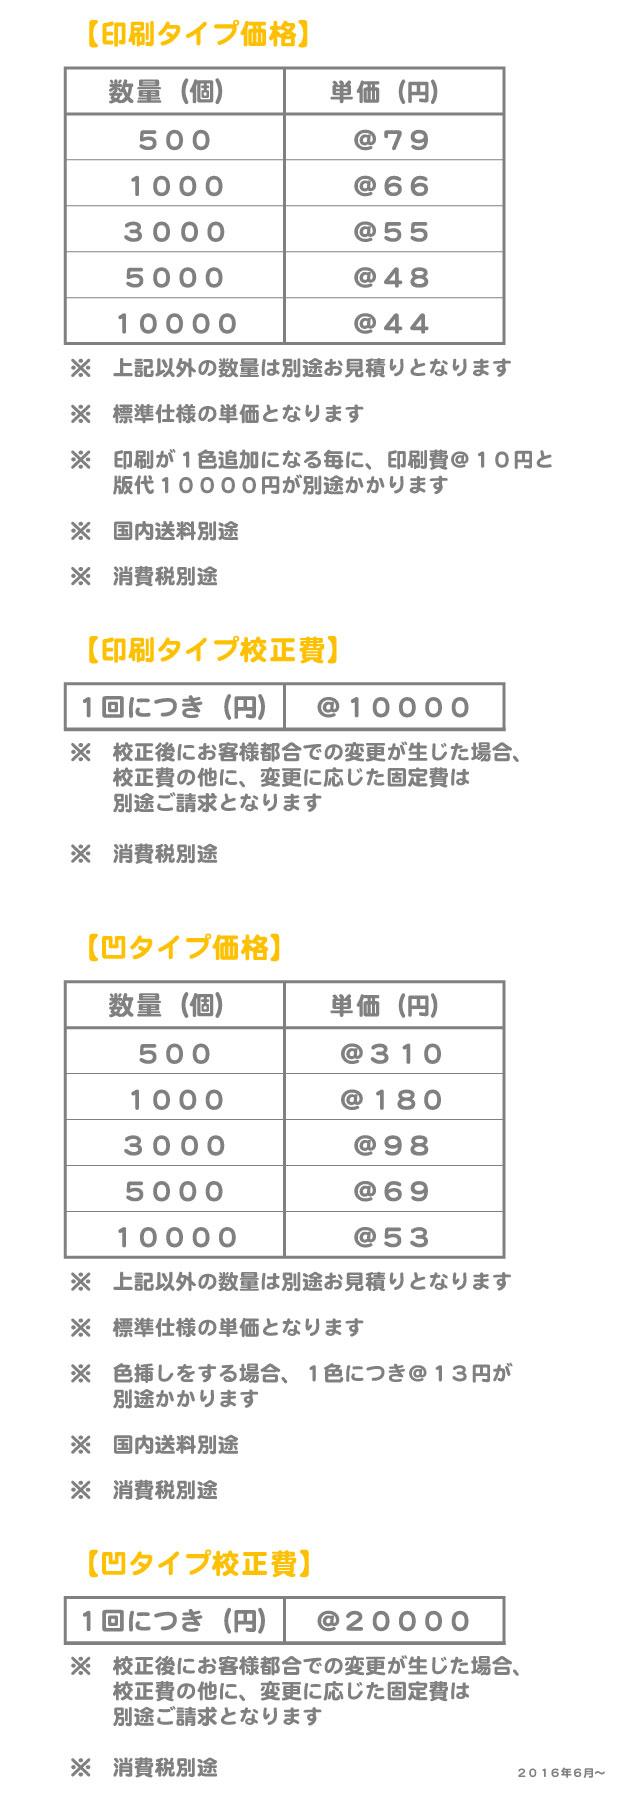 リング価格表1606